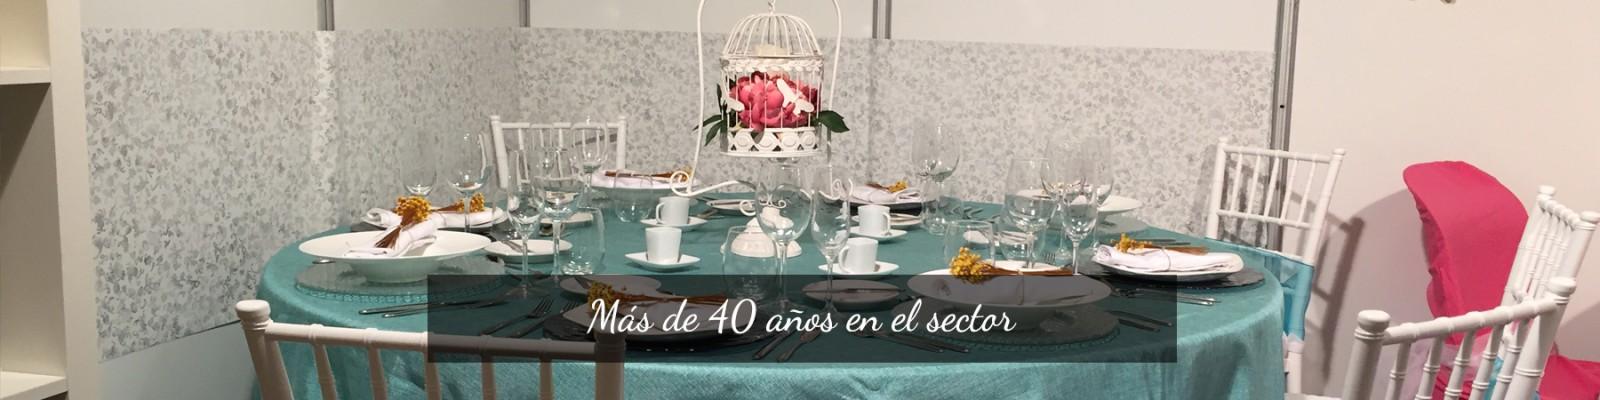 Sillas Lagares, material de alquiler para eventos y bodas